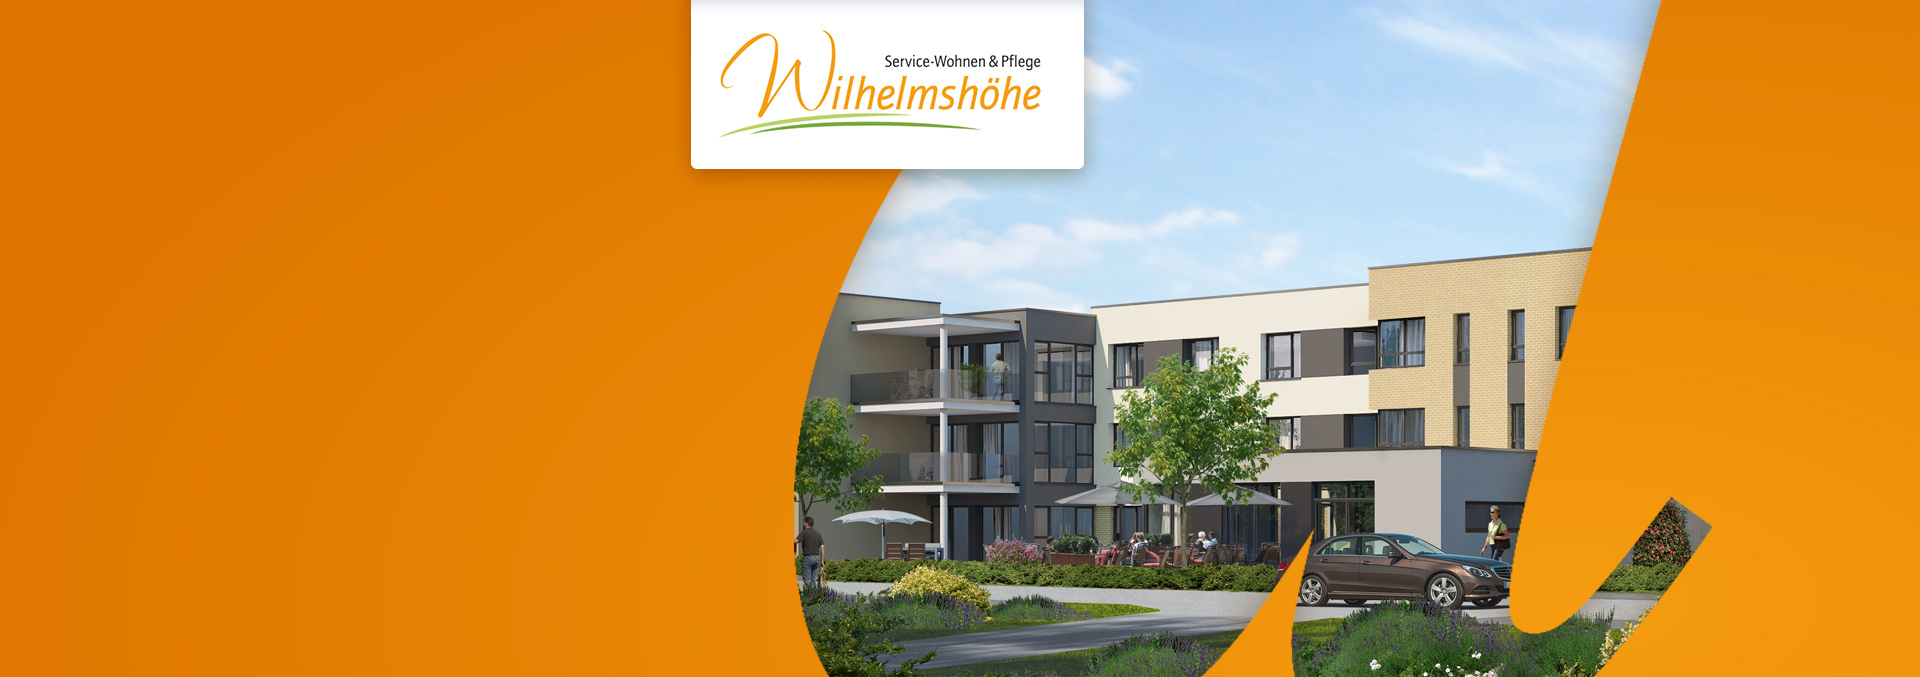 Vorschaubild für das Fachpflegezentrum Wiesloch Wilhelmshöhe: Dreistöckiges Gebäude in Grünanlage.